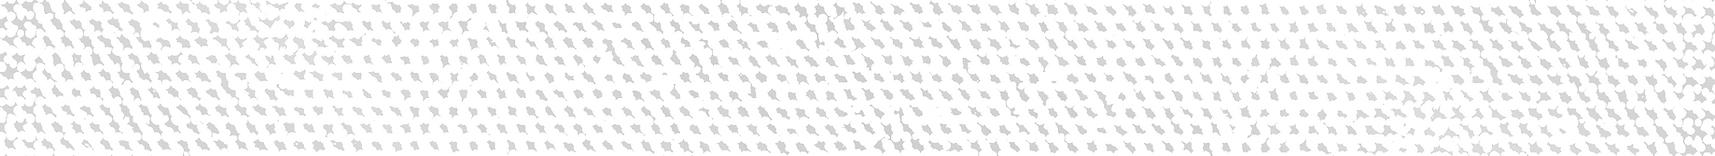 pattern print.png